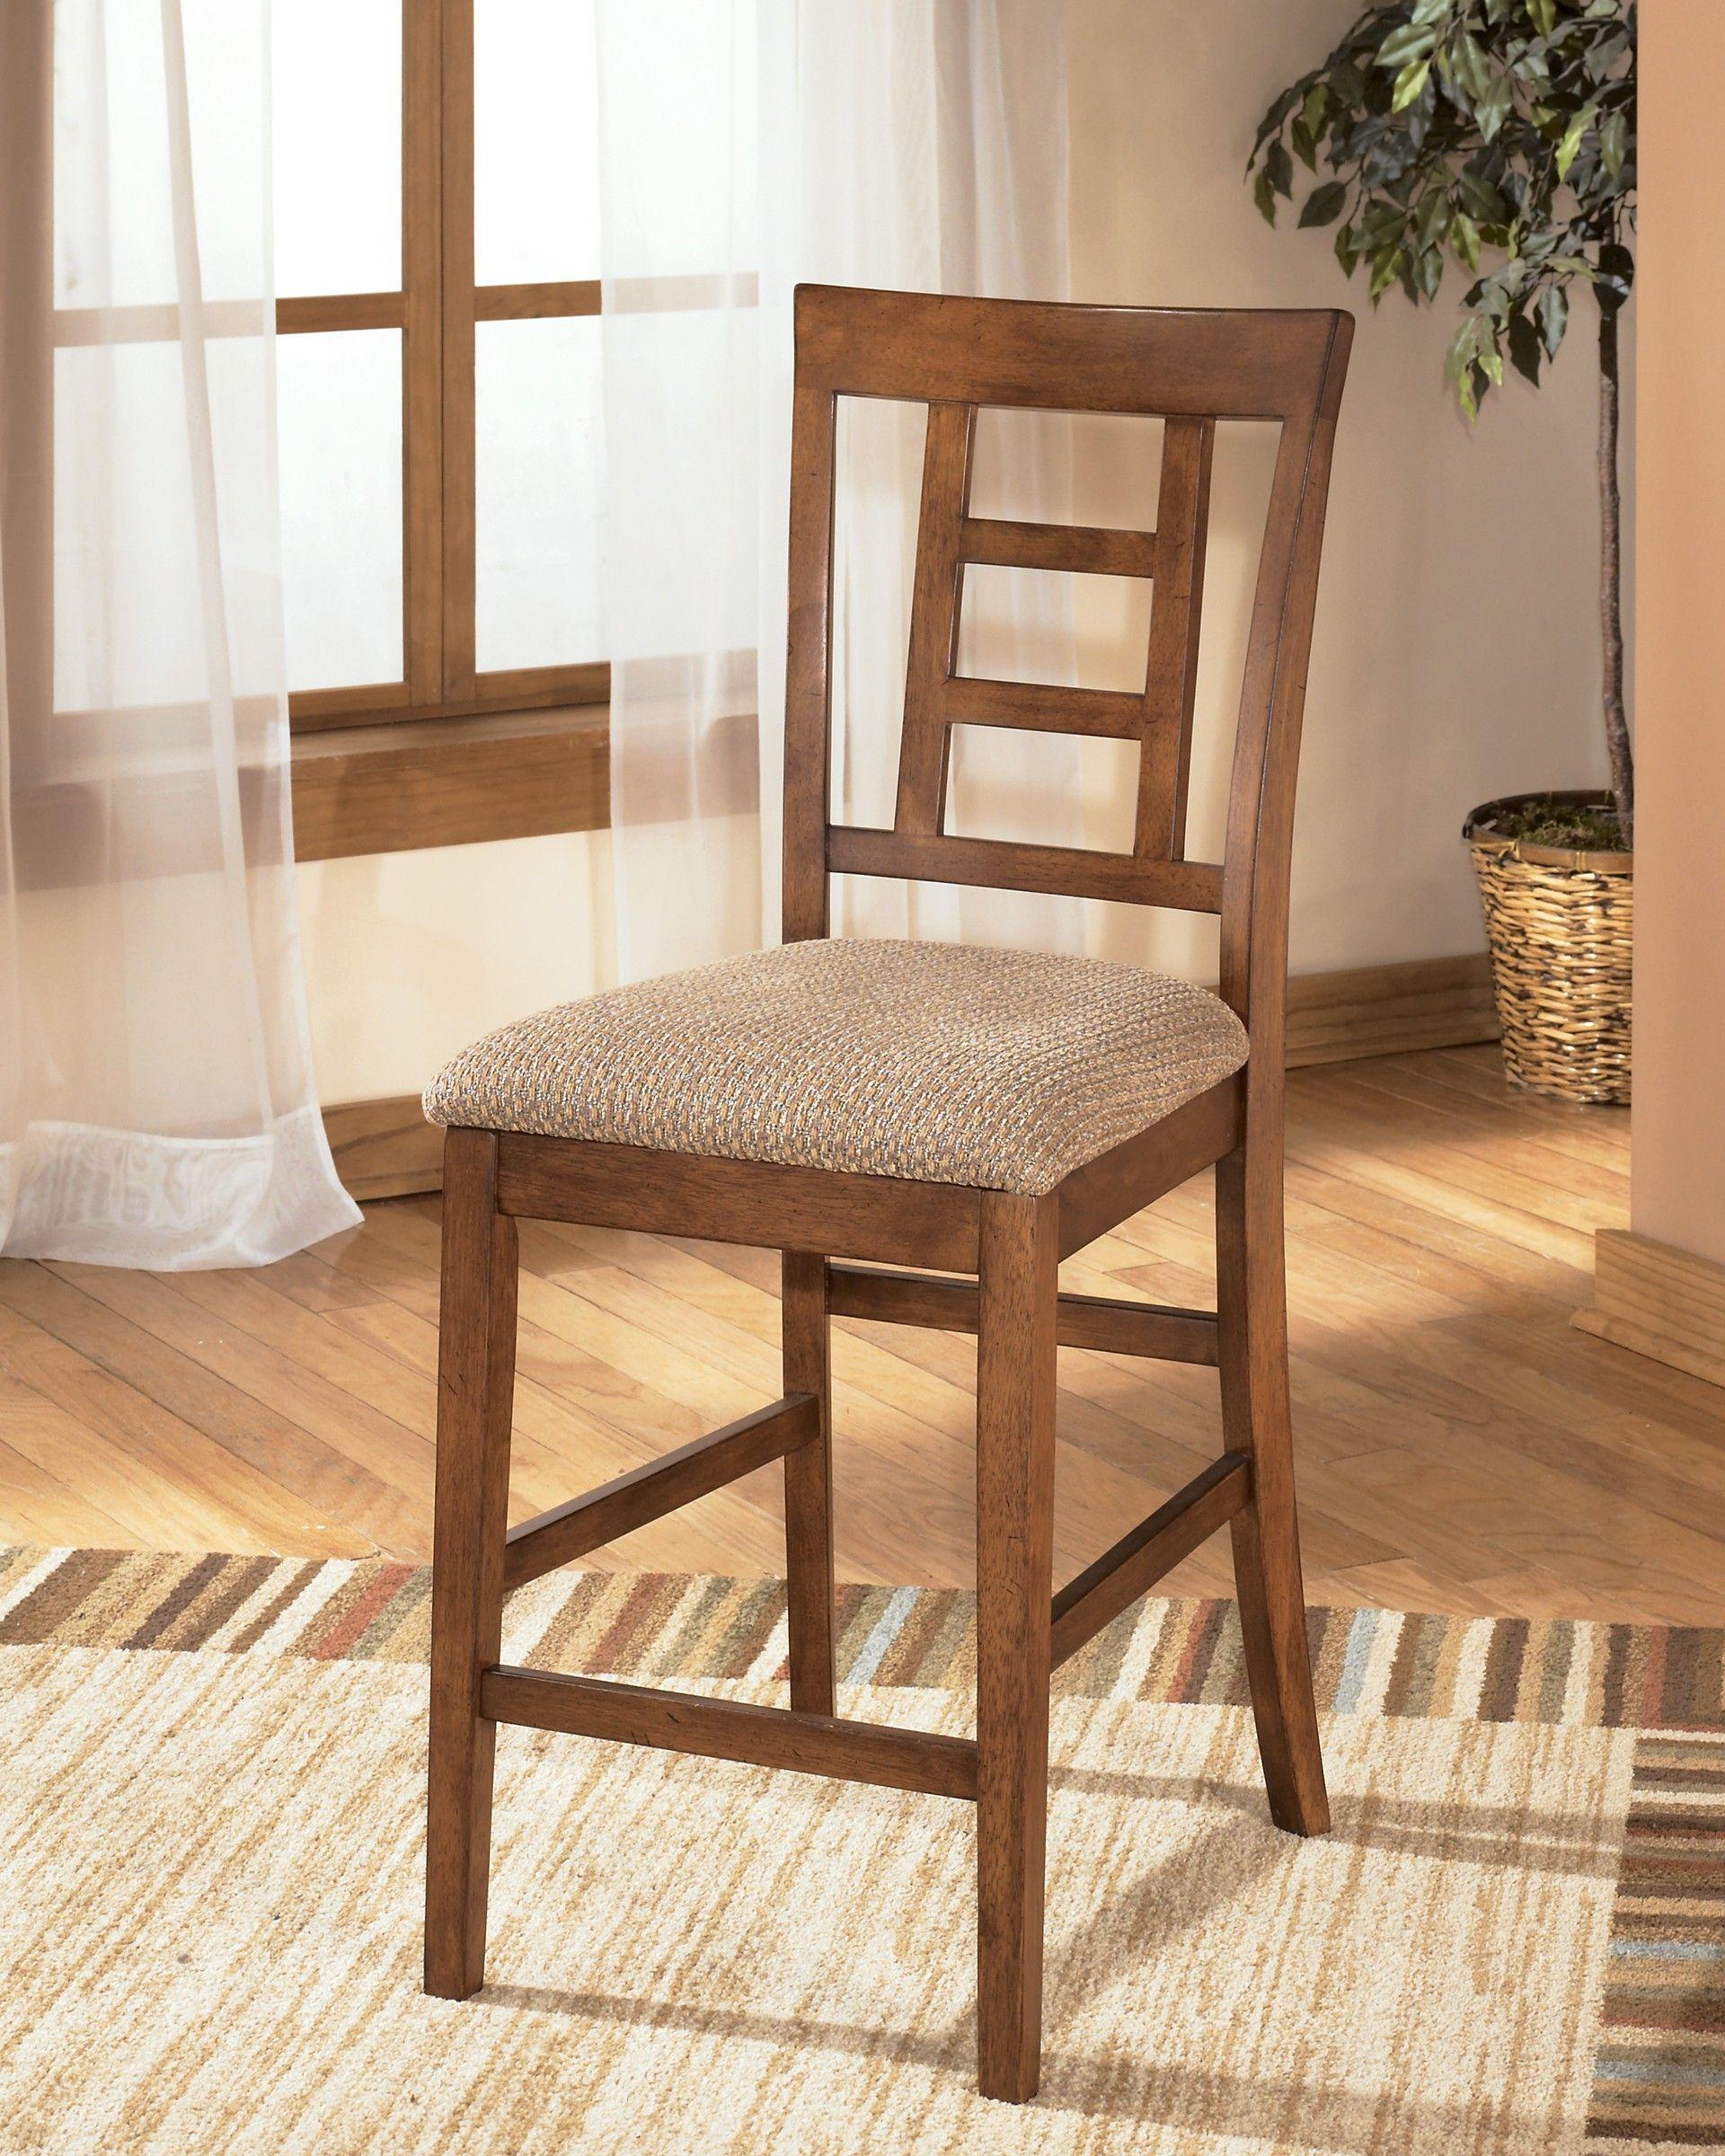 Ashley Furniture Cross Island D319 324 Upholstered Barstool 2 CN